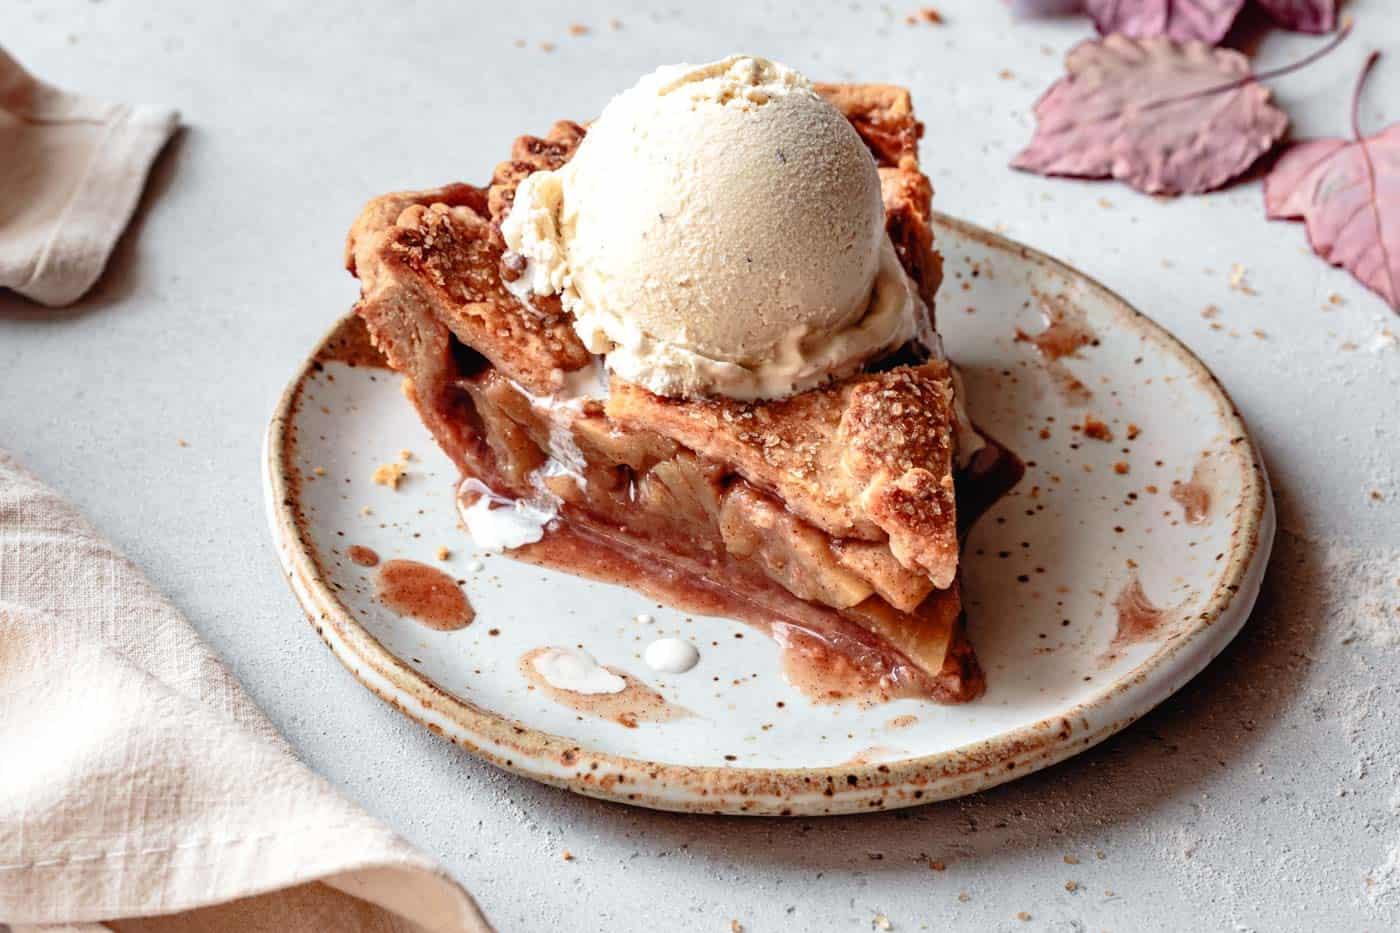 slice of paleo apple pie with ice cream